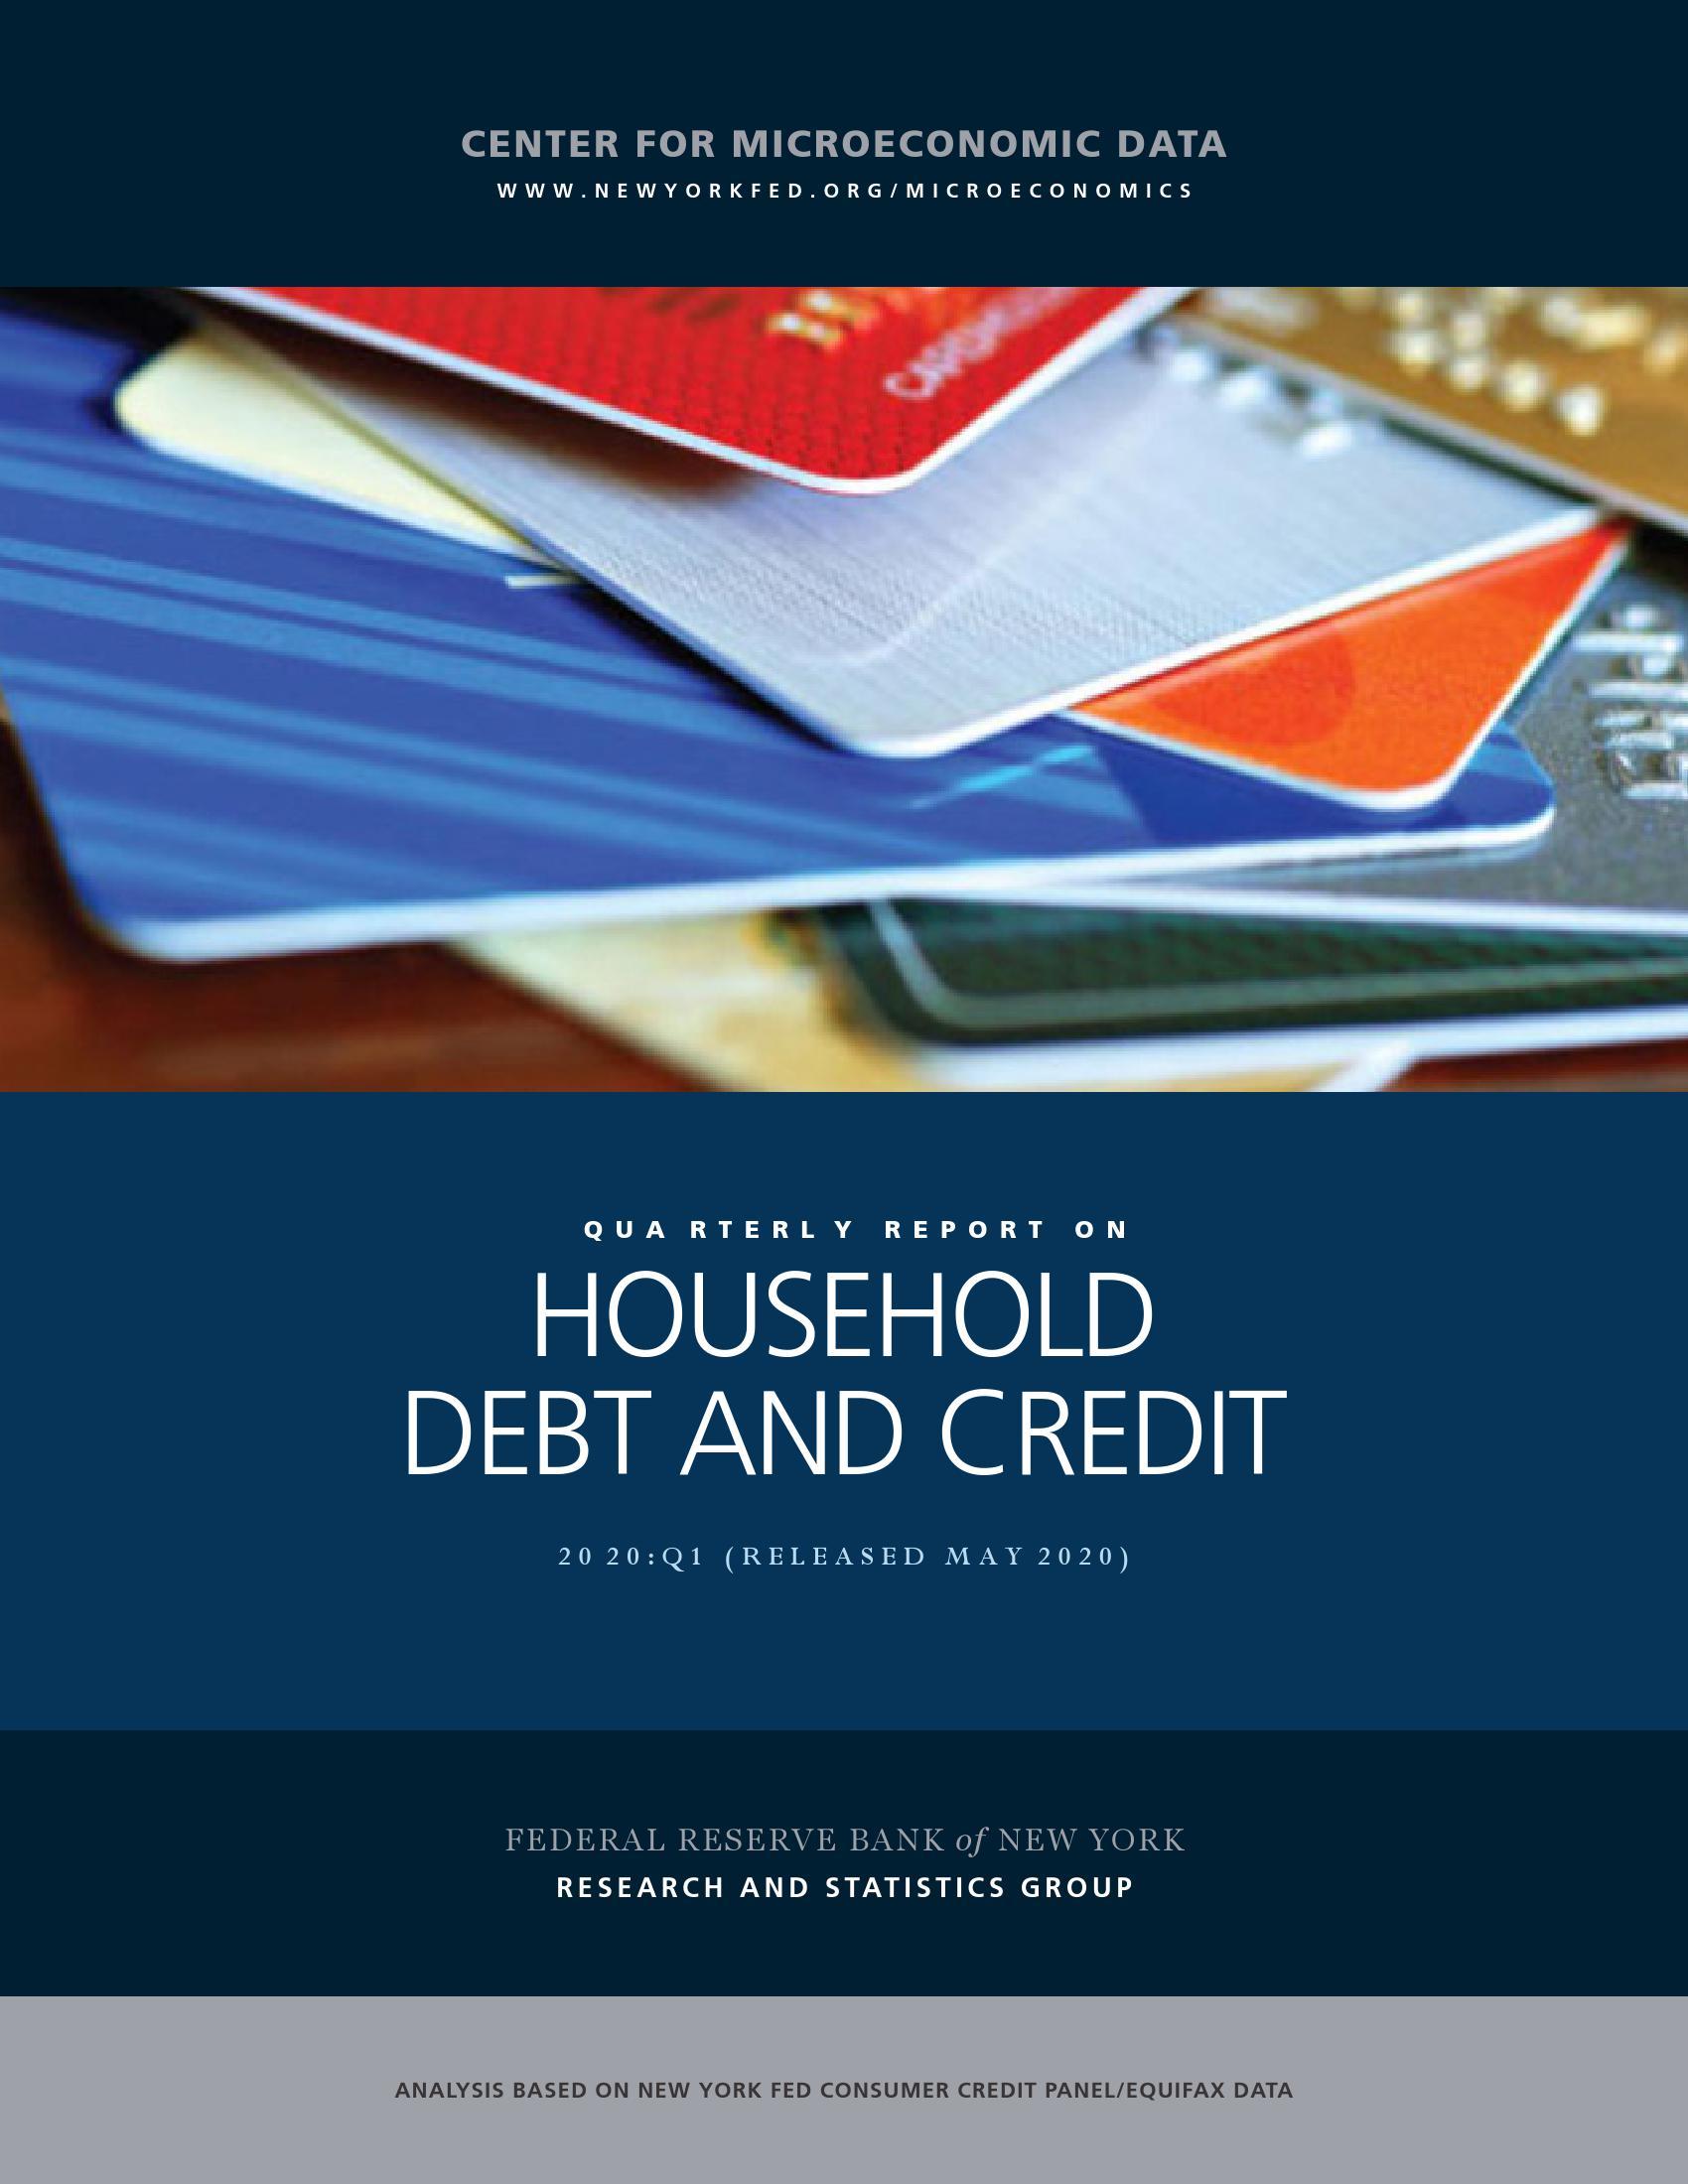 纽约联储:2020年第一季度美国家庭债务和信贷报告